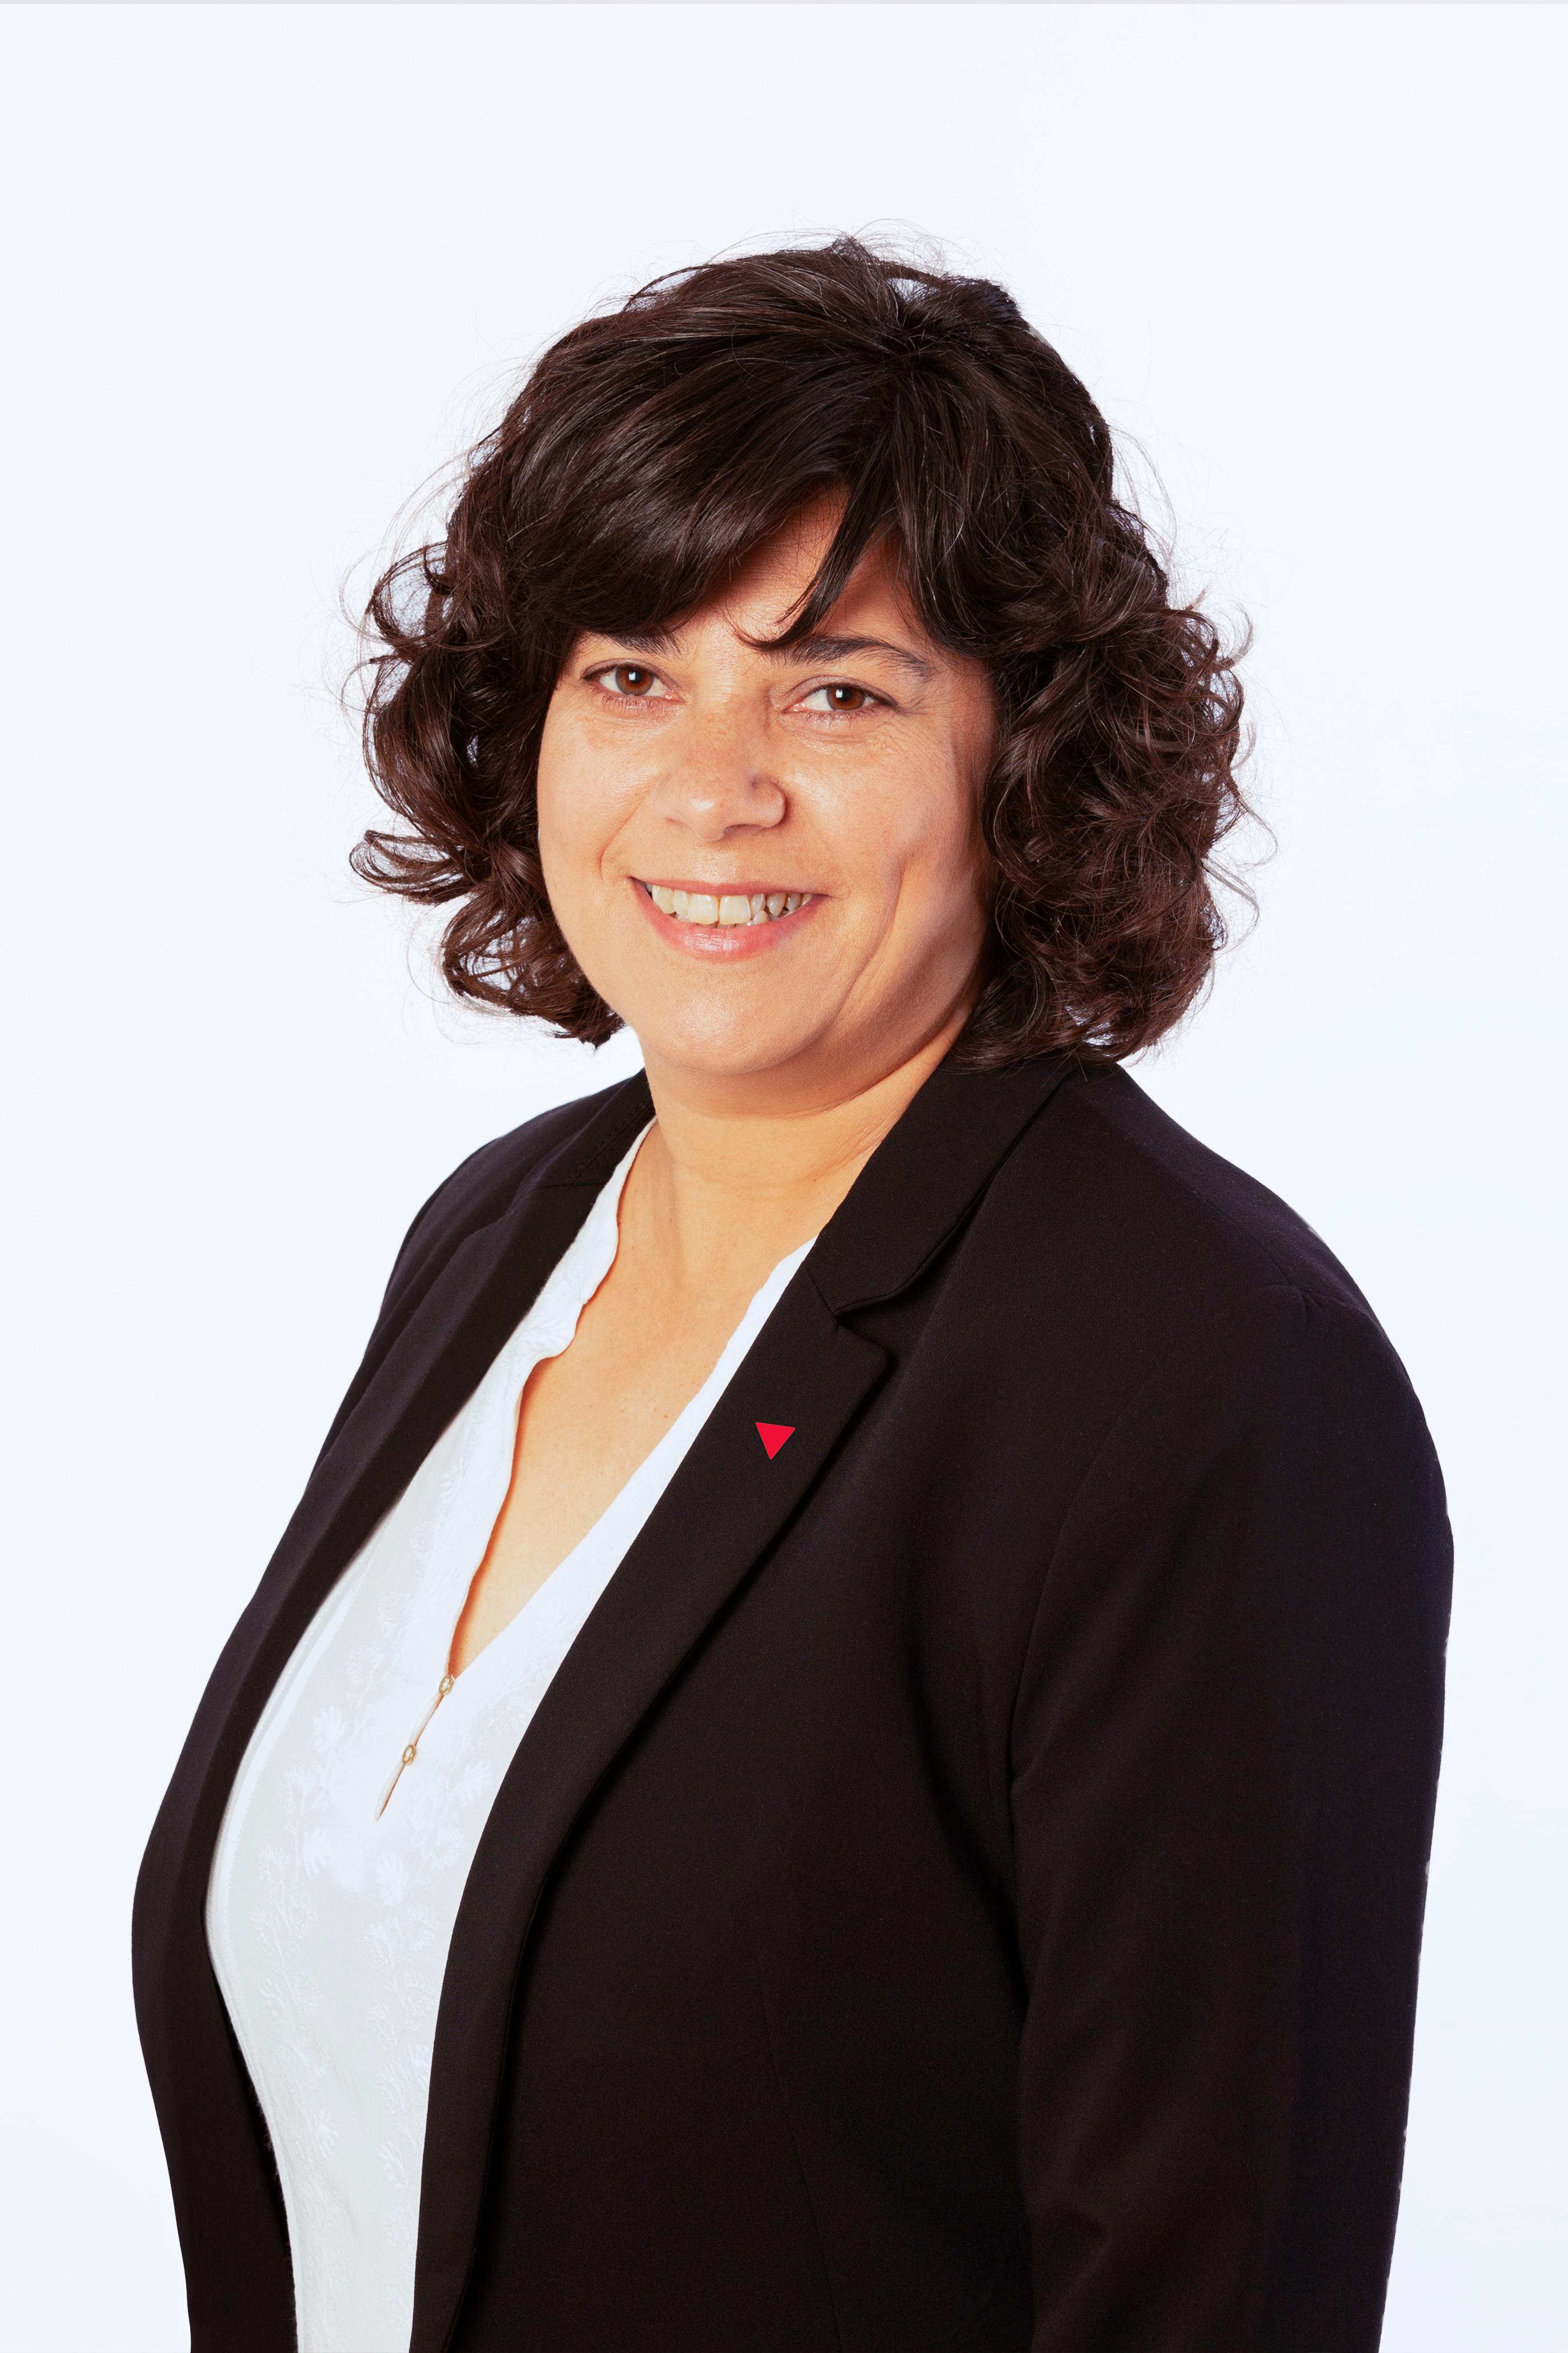 Cármen Álvarez Marín